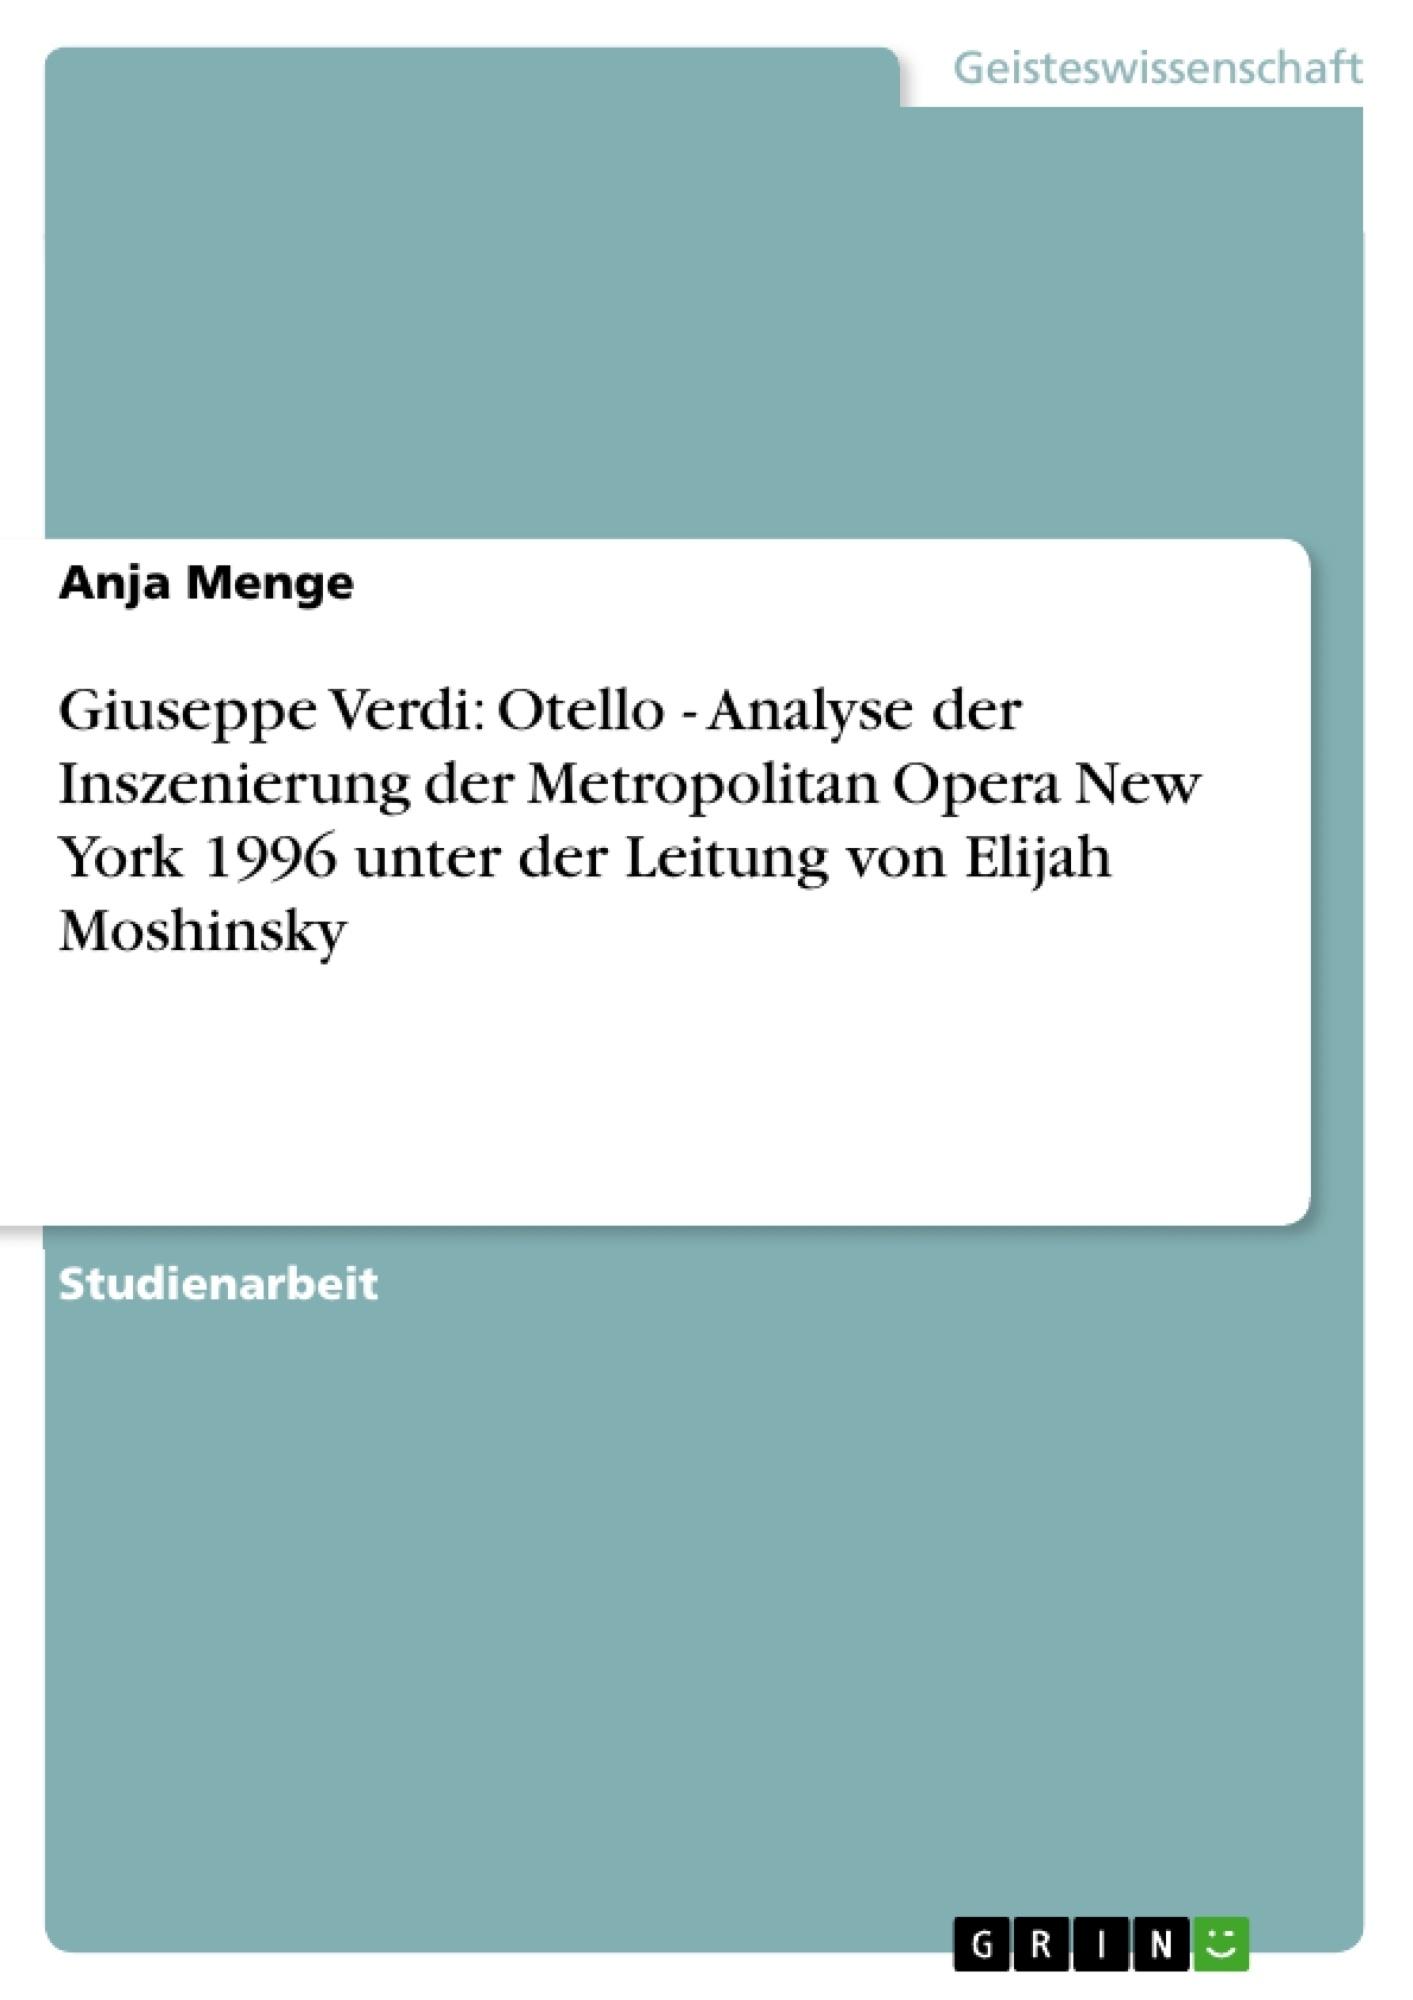 Titel: Giuseppe Verdi: Otello - Analyse der Inszenierung der Metropolitan Opera New York 1996 unter der Leitung von Elijah Moshinsky